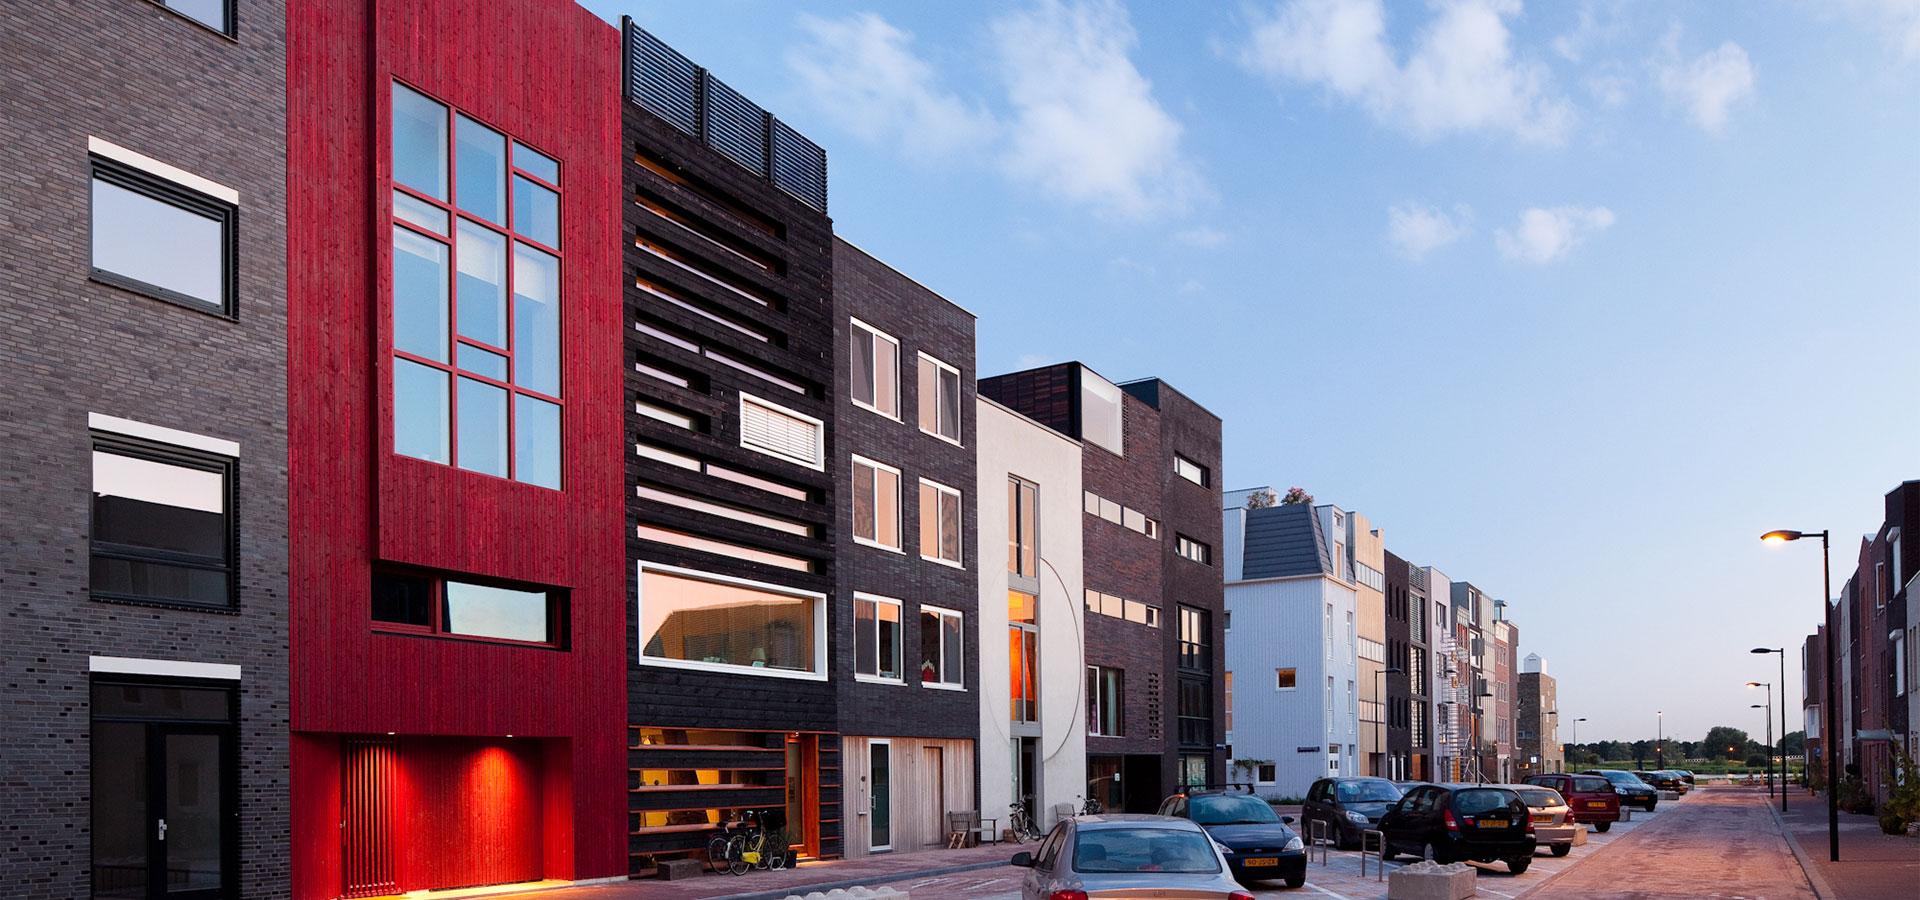 FARO architecten Energiezuinig op Steigereiland IJburg (2.0) Amsterdam 03